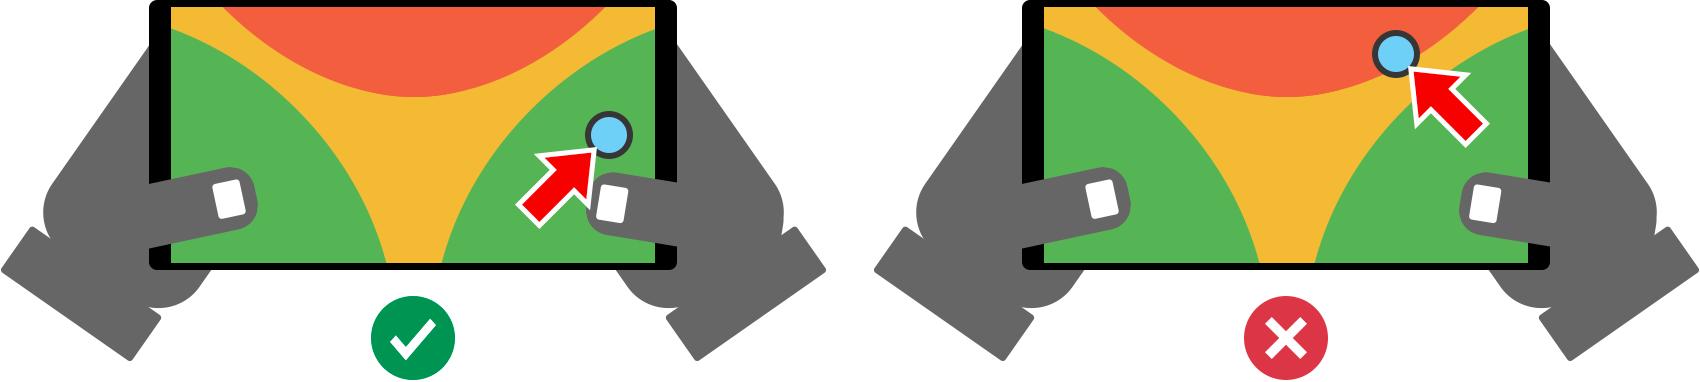 https://developer.roblox.com/assets/blt8500a5dd039d1510/Cross-Platform-Thumb-Zones.png